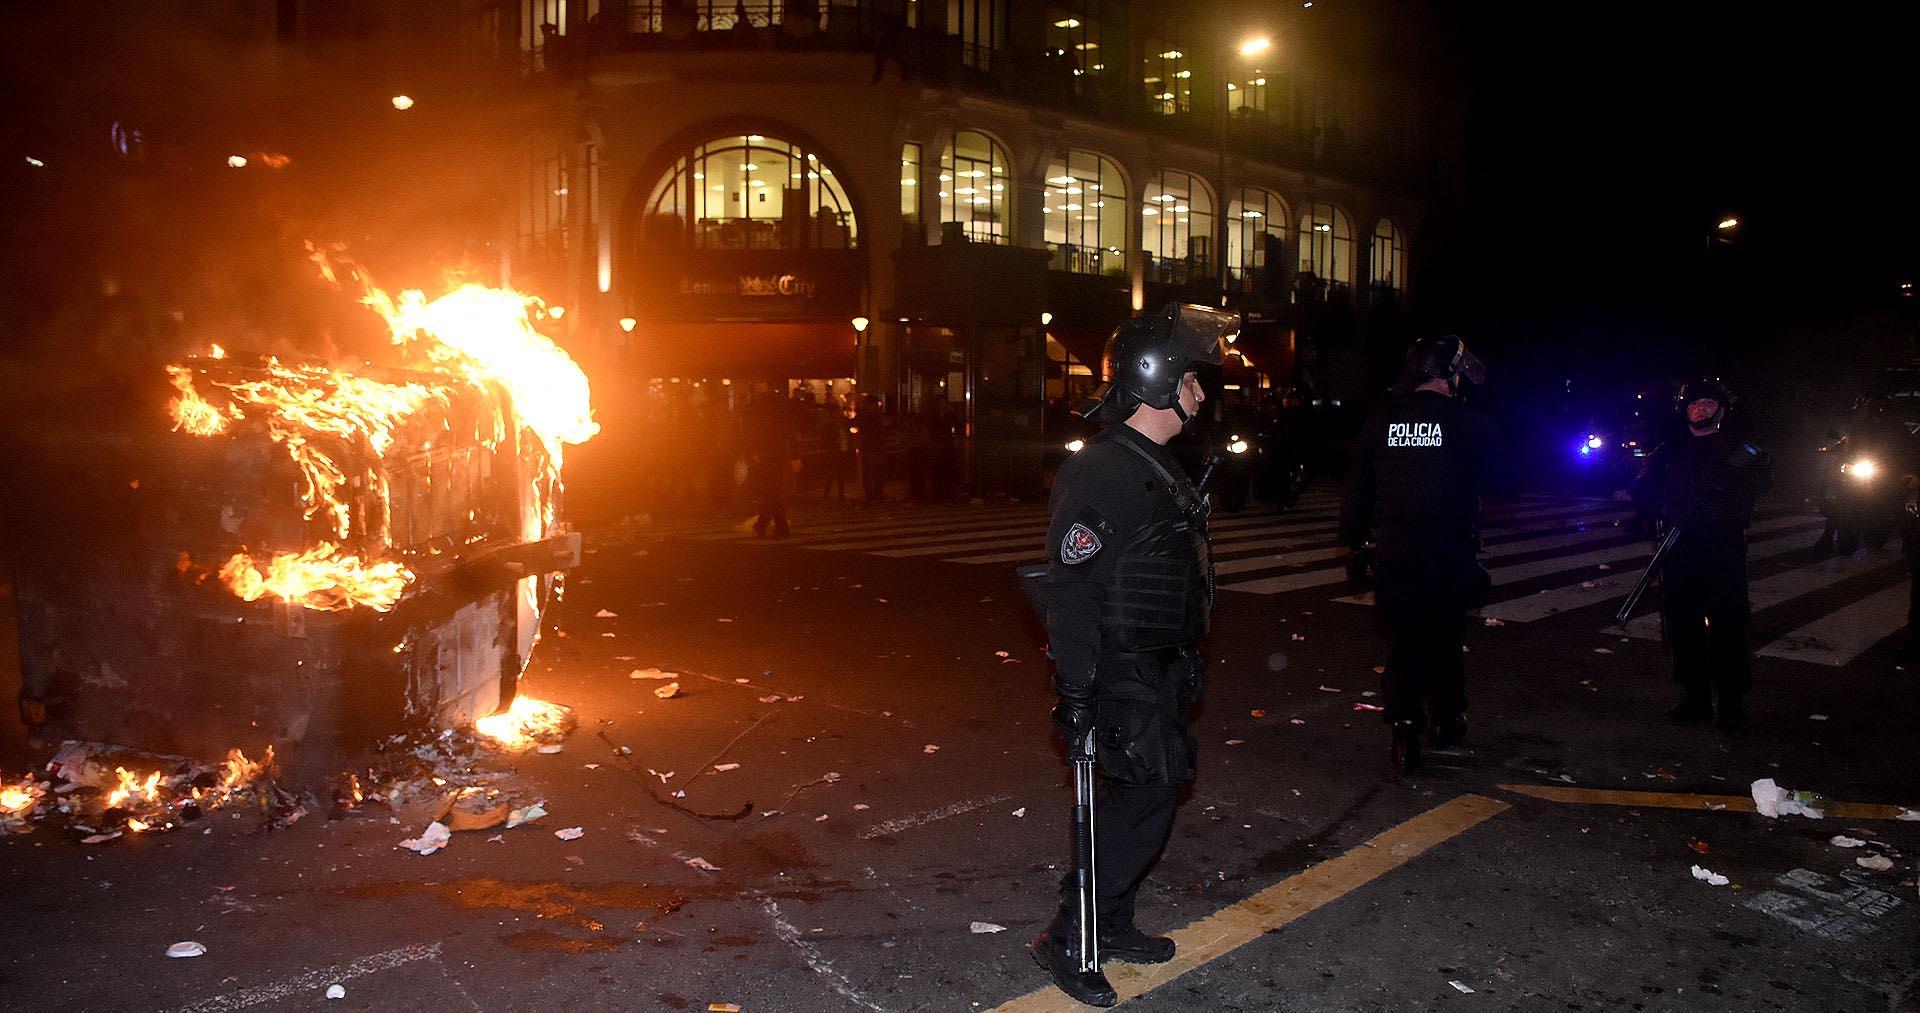 Los manifestantes prendieron fuego numerosos containers de basura